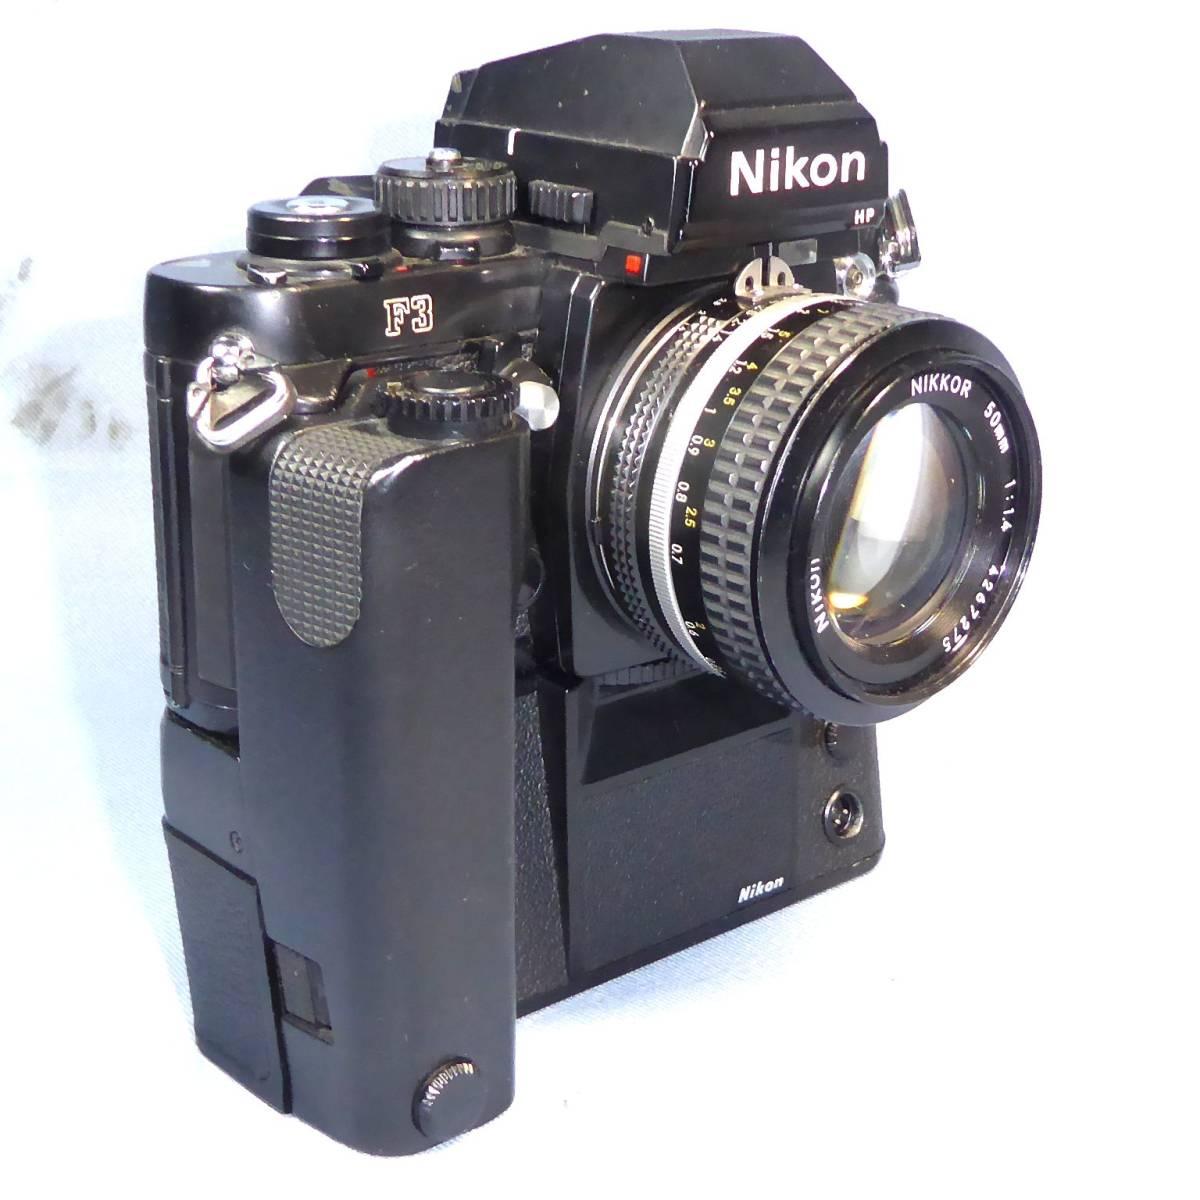 ★  綺麗  諸動作快調  ★   NIKON    F 3  HP   +   MD - 4   +   NIKKOR   50mm/F1.4   +  NIKON ストラップ _画像3